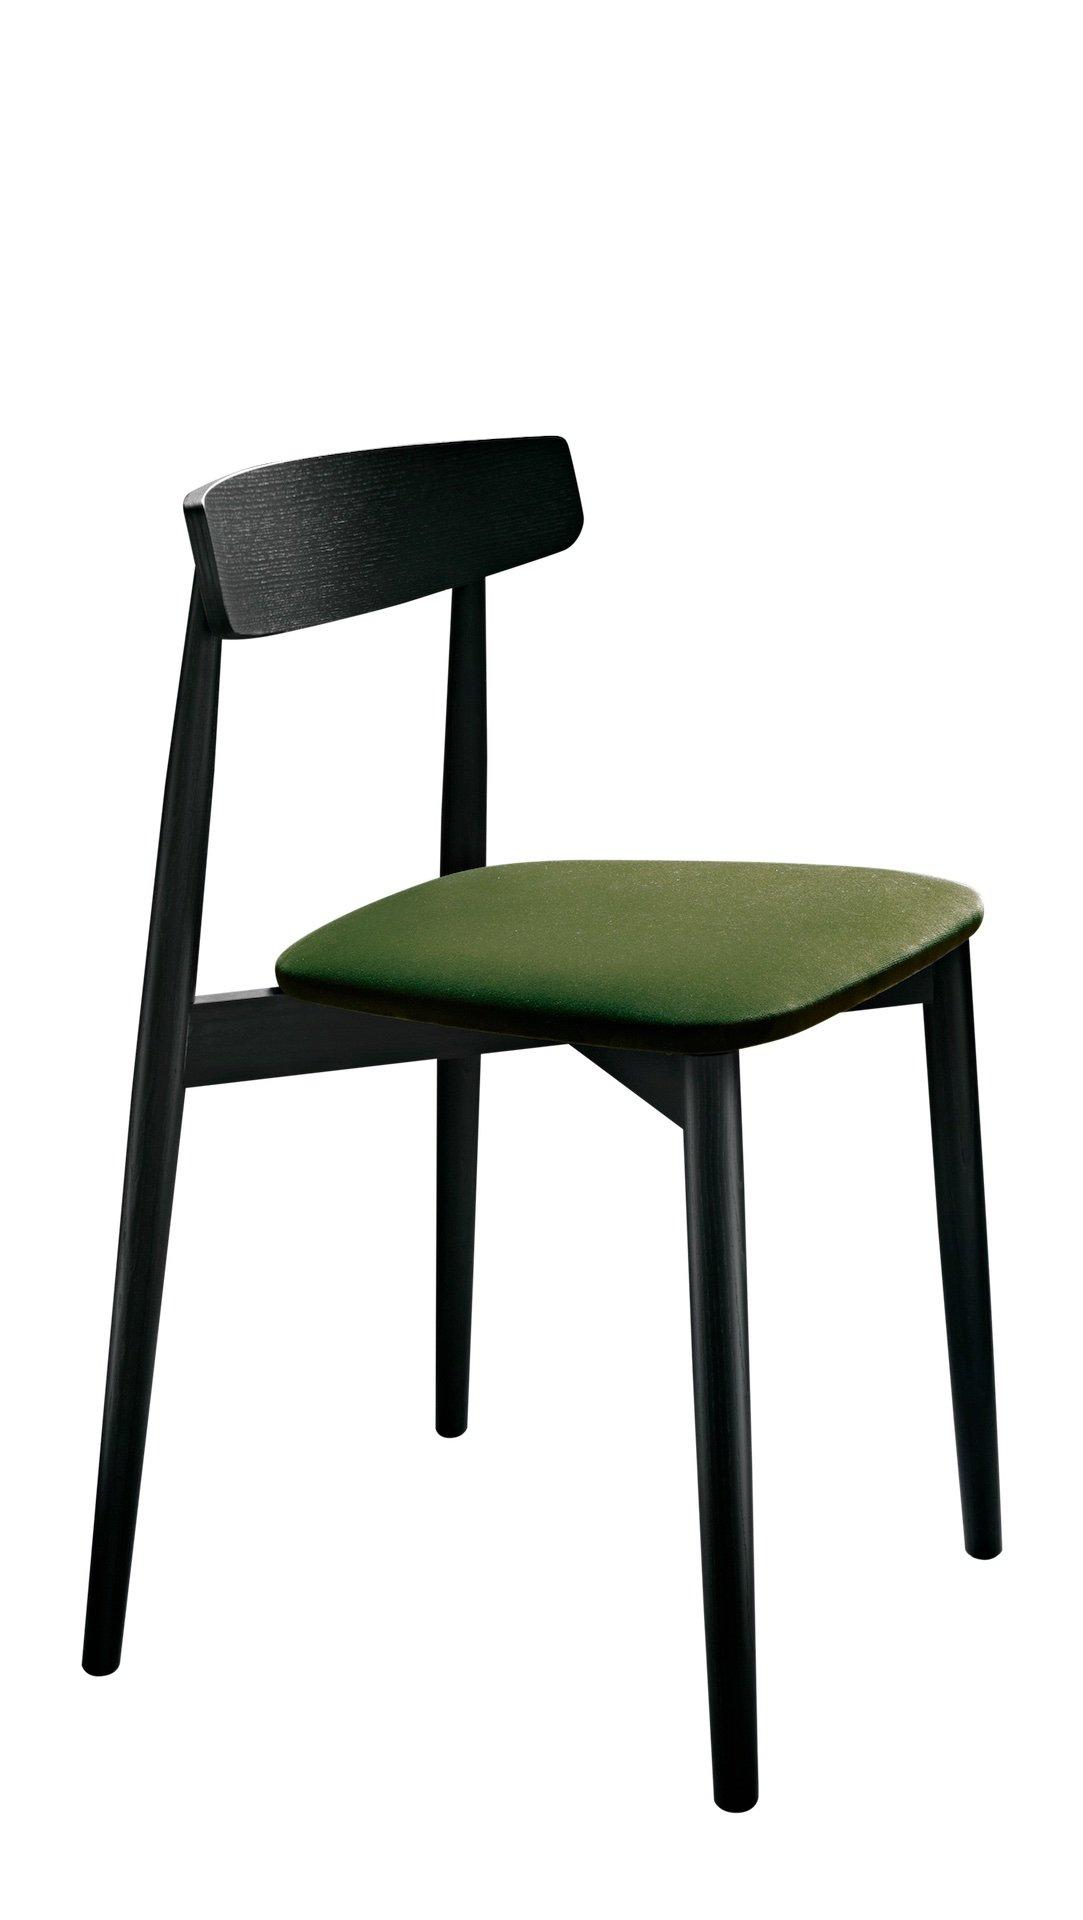 Claretta Wooden Chair from Miniforms, designed by Florian Schmid